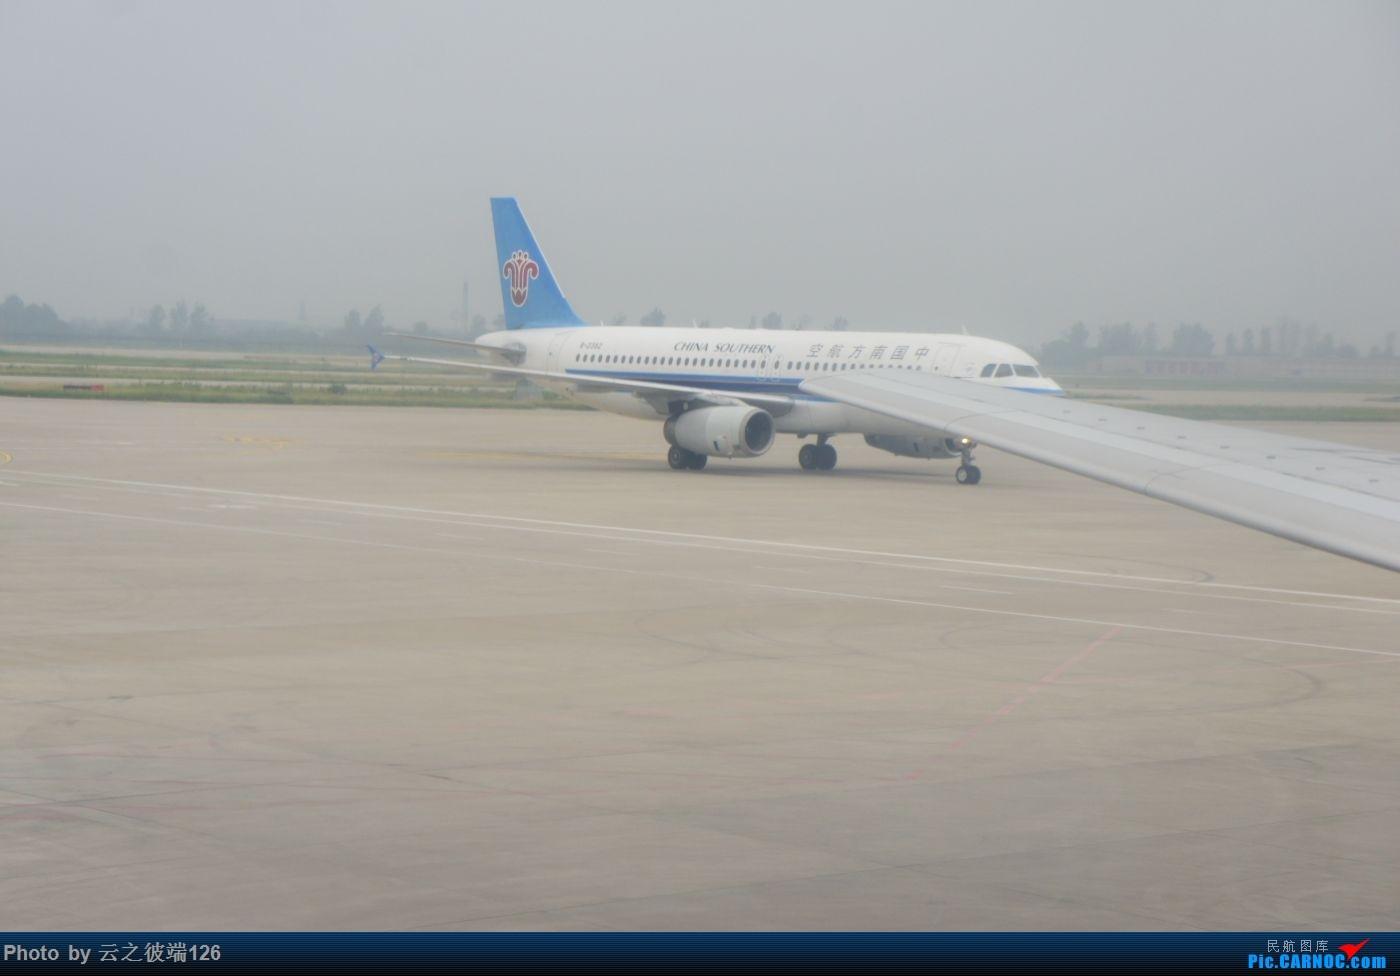 Re:[原创]---步入中原,时隔三年意外遇见你 NKG-XIY-HFE--- AIRBUS A320-200 B-1803 中国西安咸阳国际机场